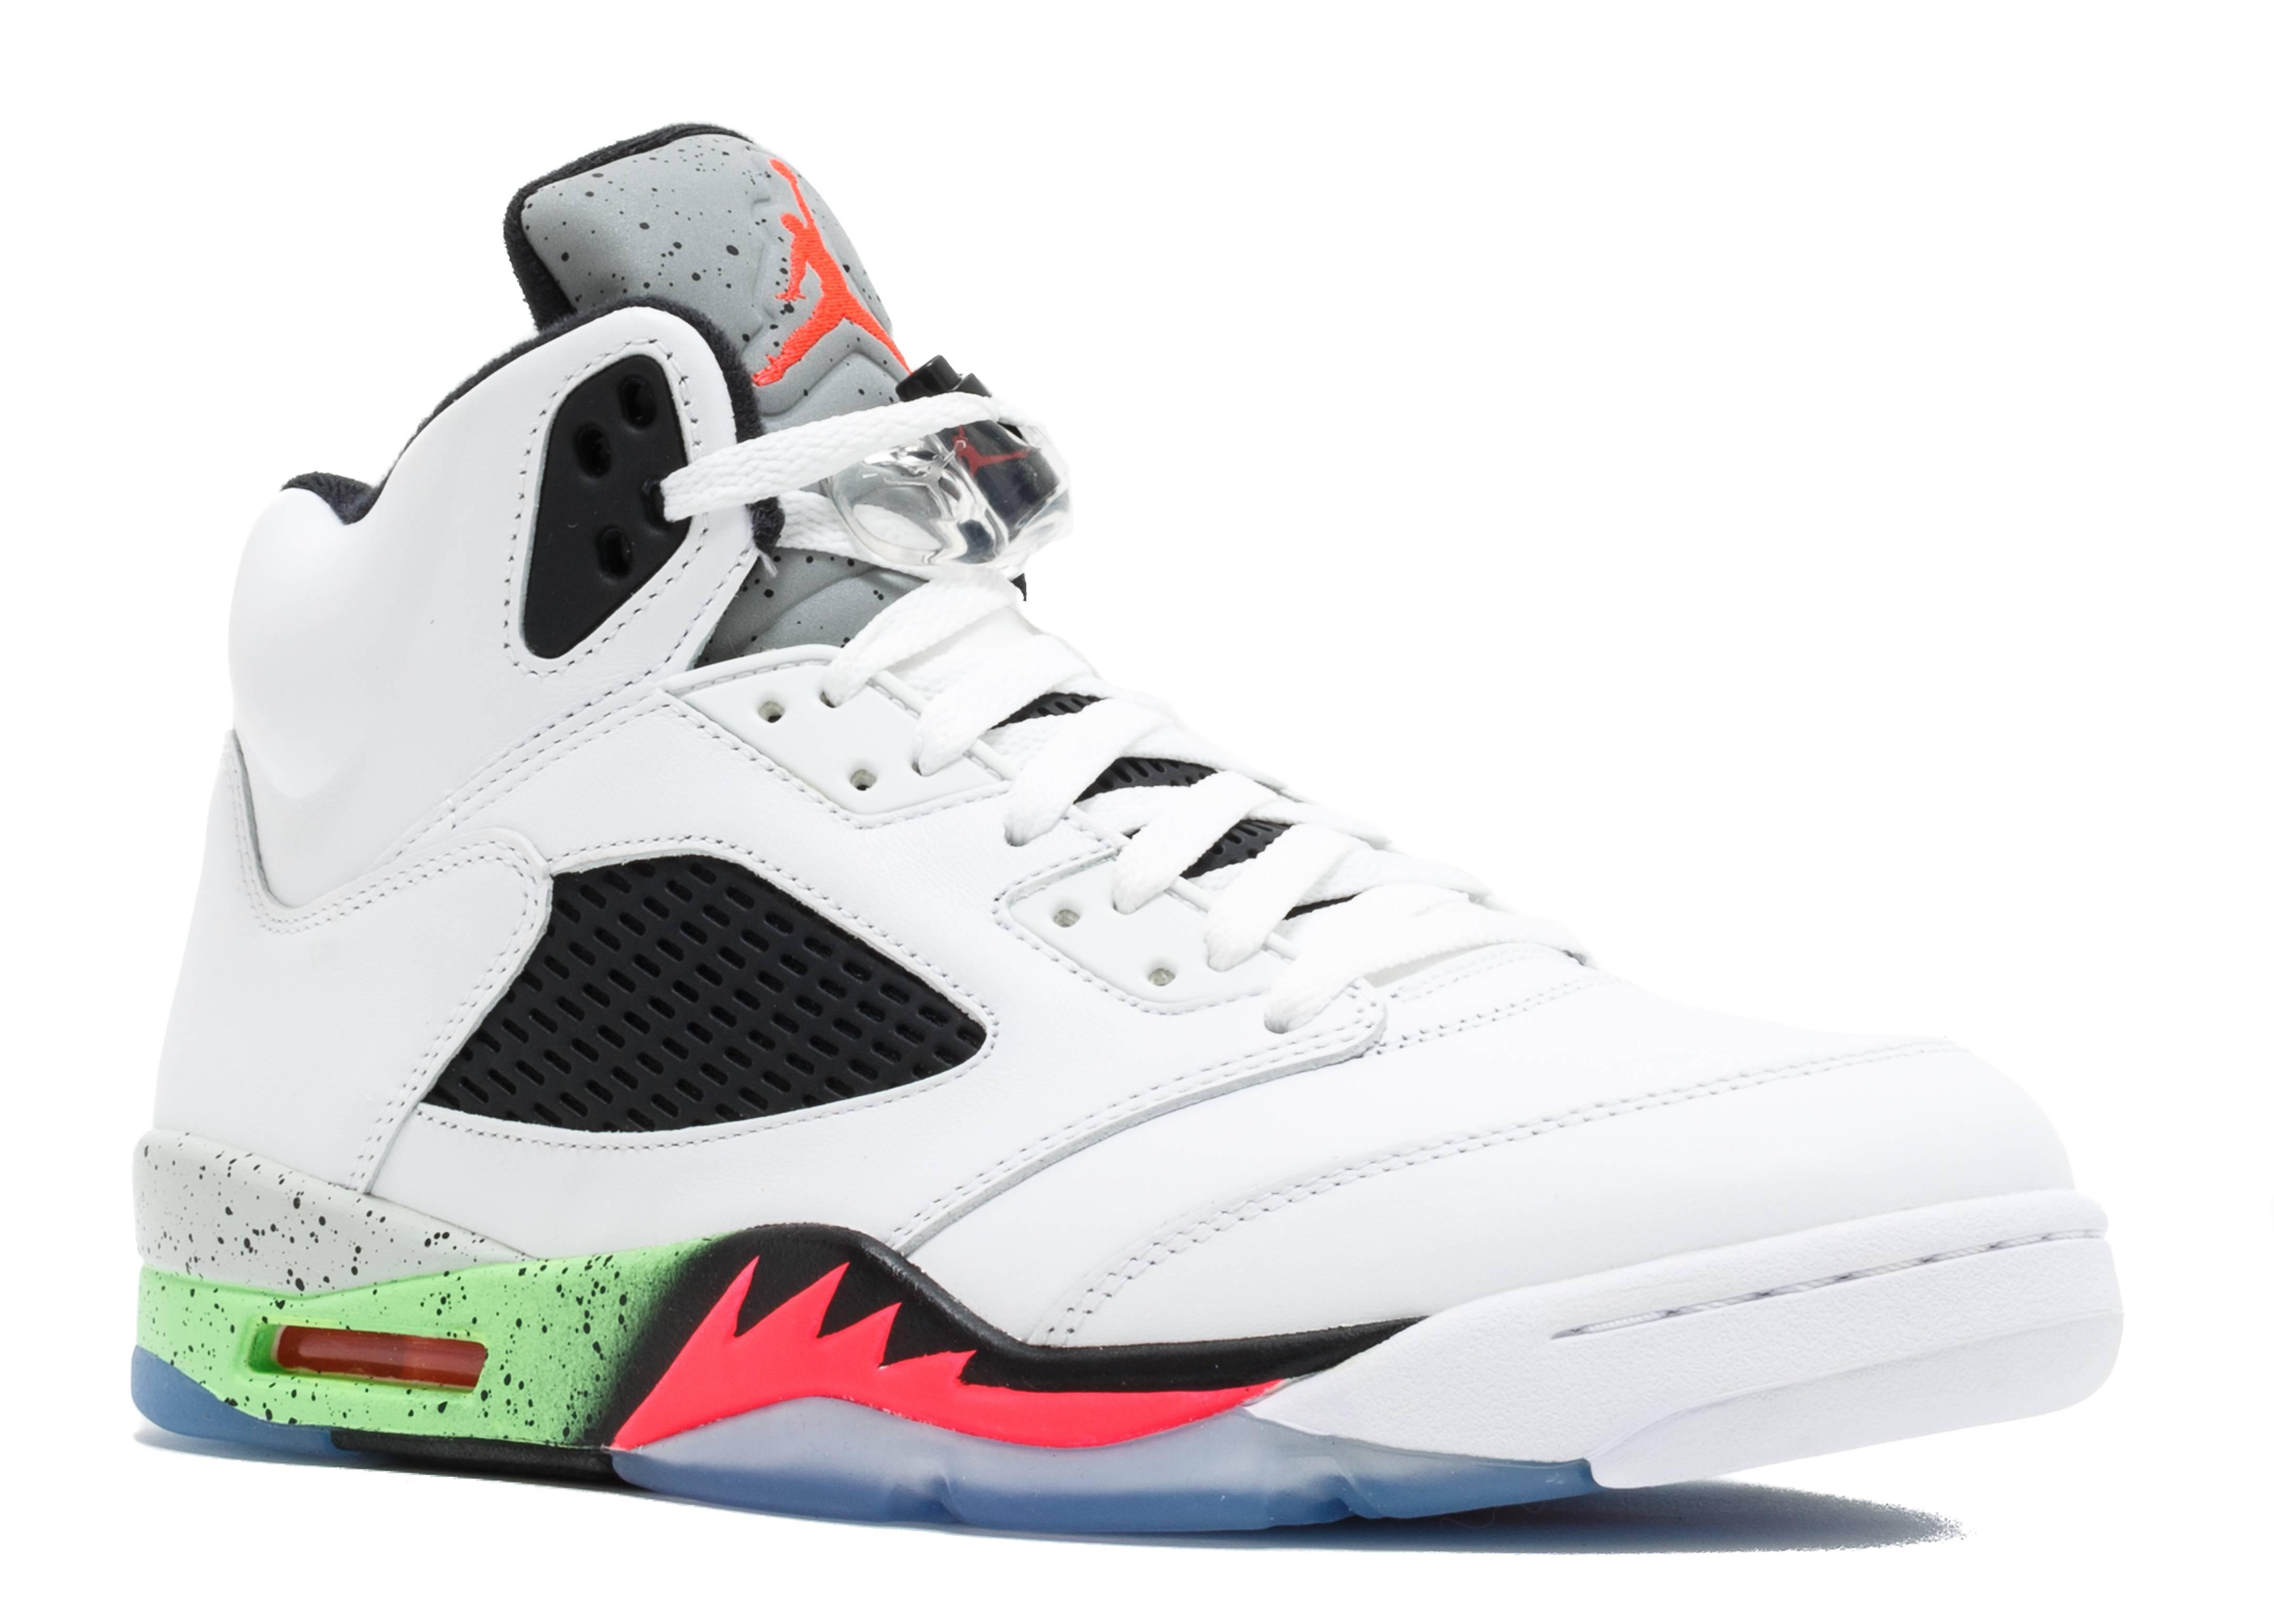 3aeaad7c2f1ab4 Air Jordan 5 Retro